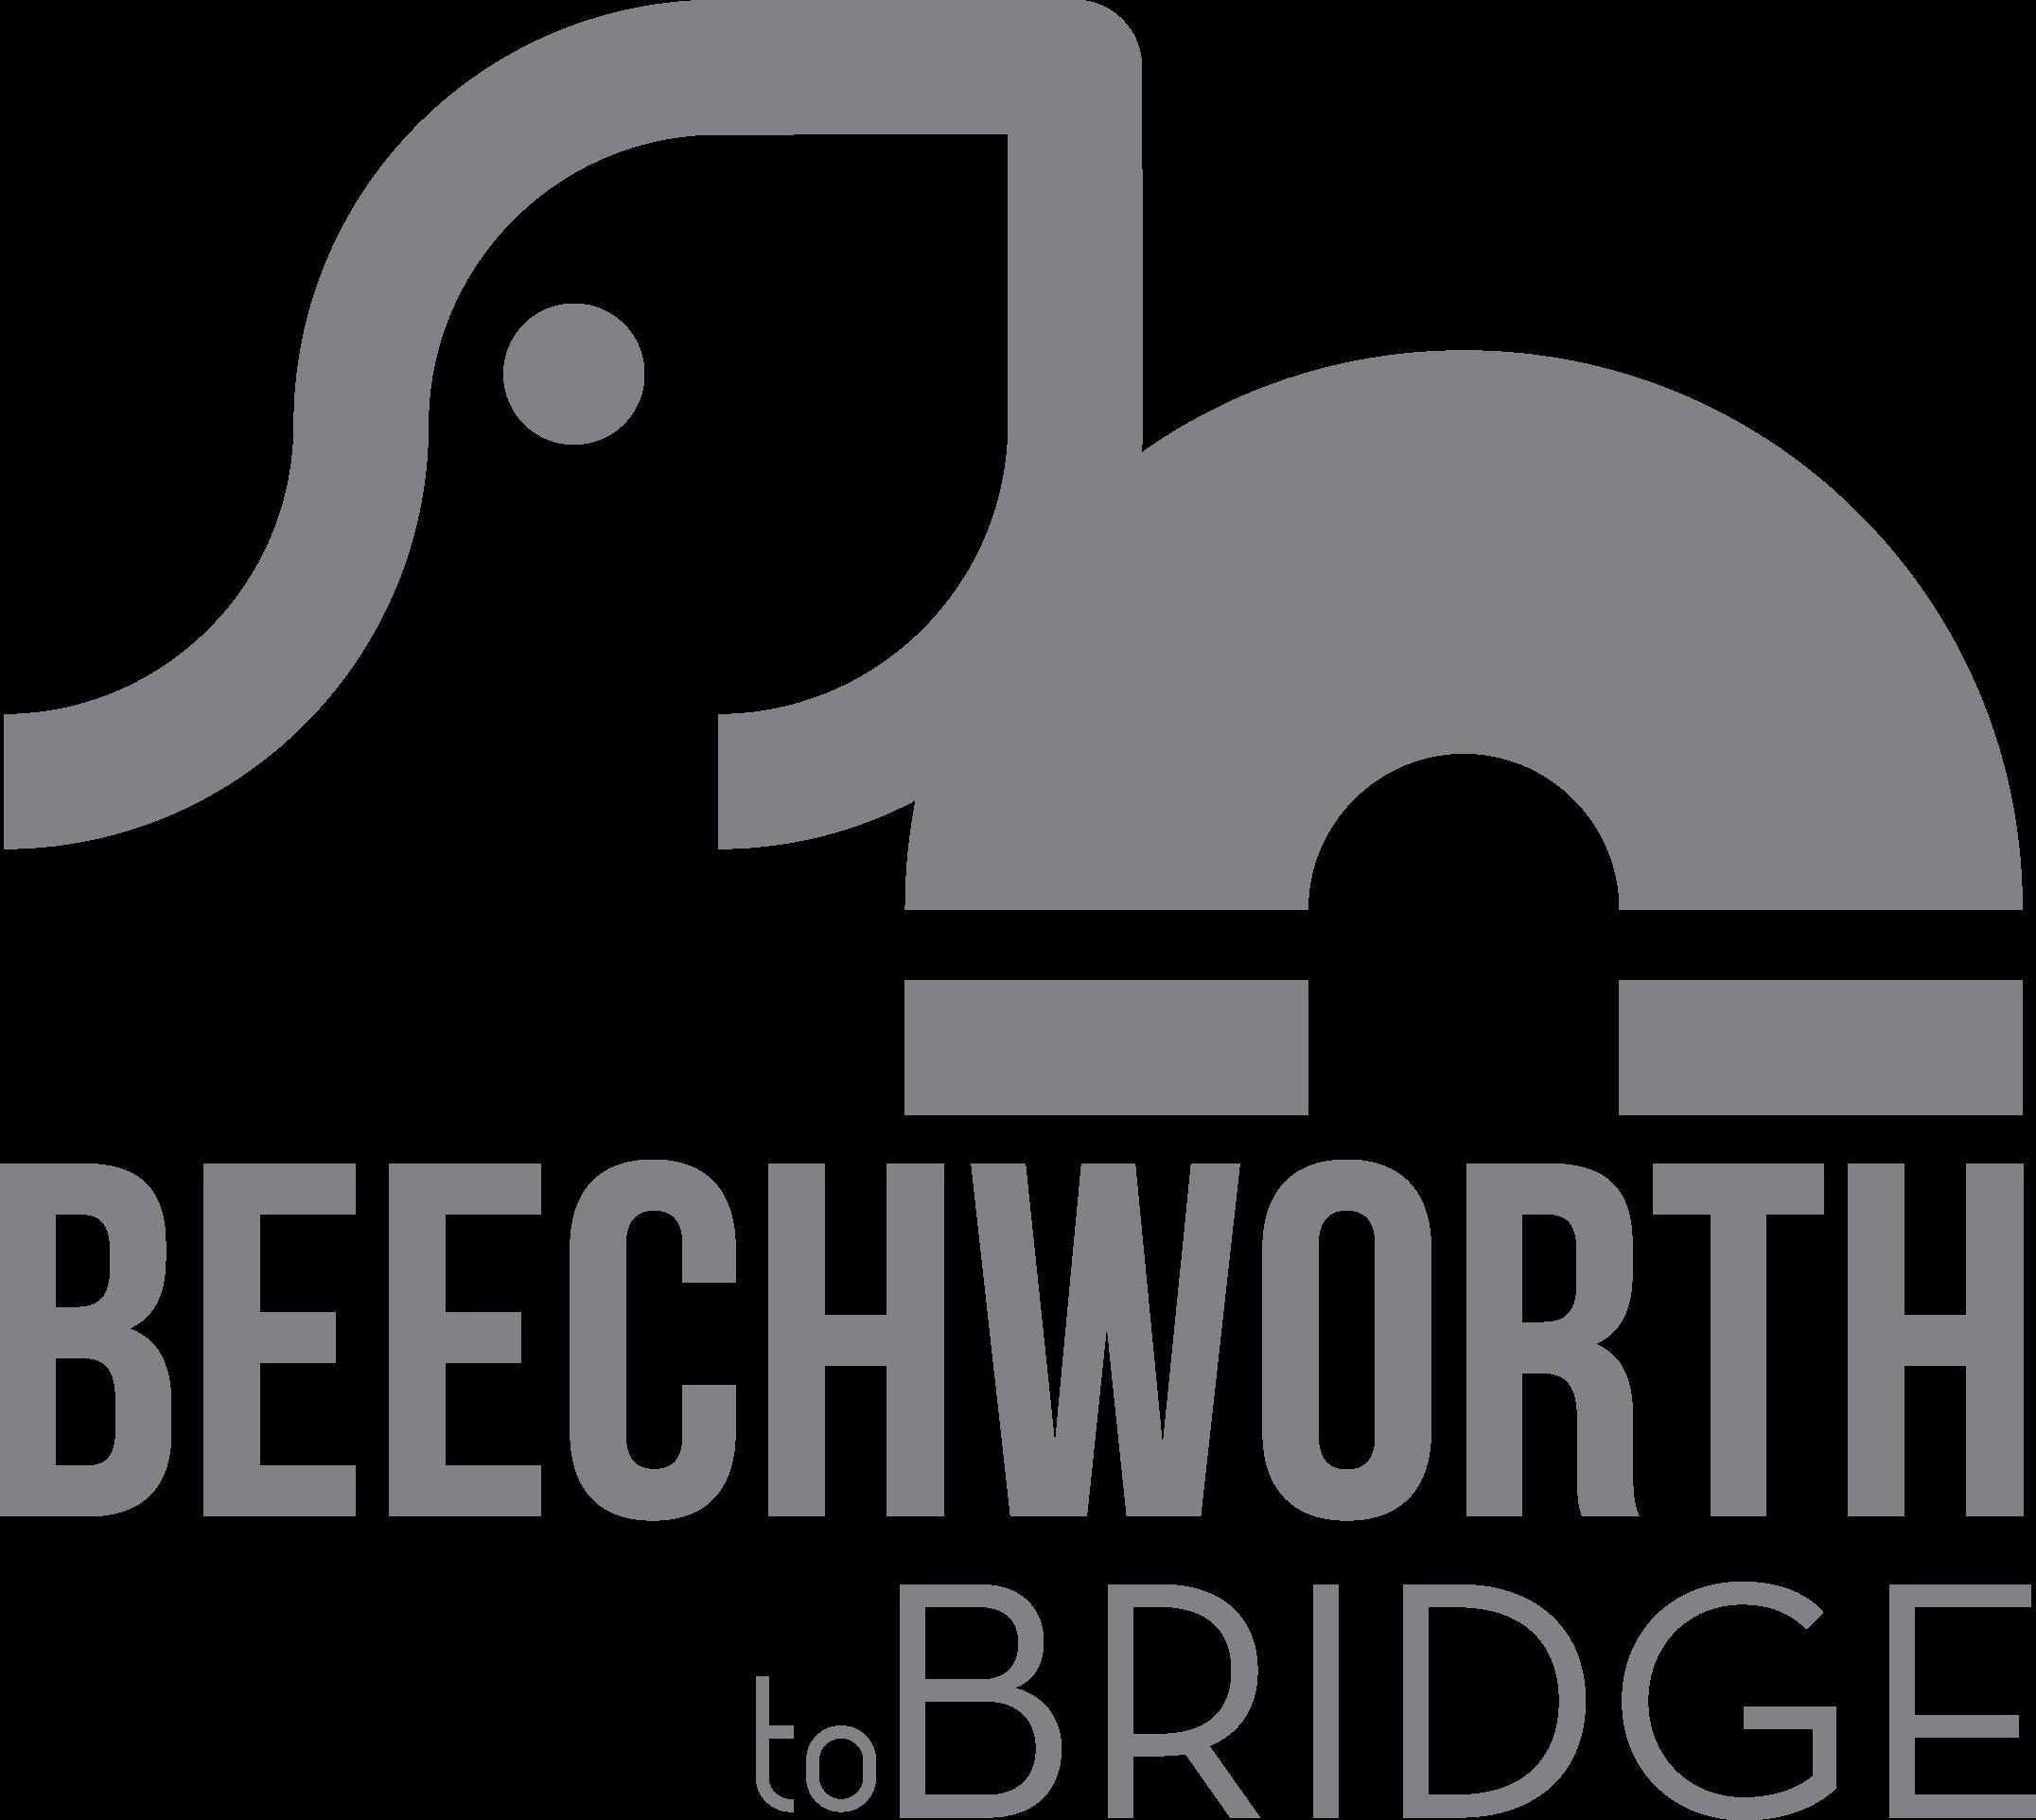 The_B2B-Logo.png